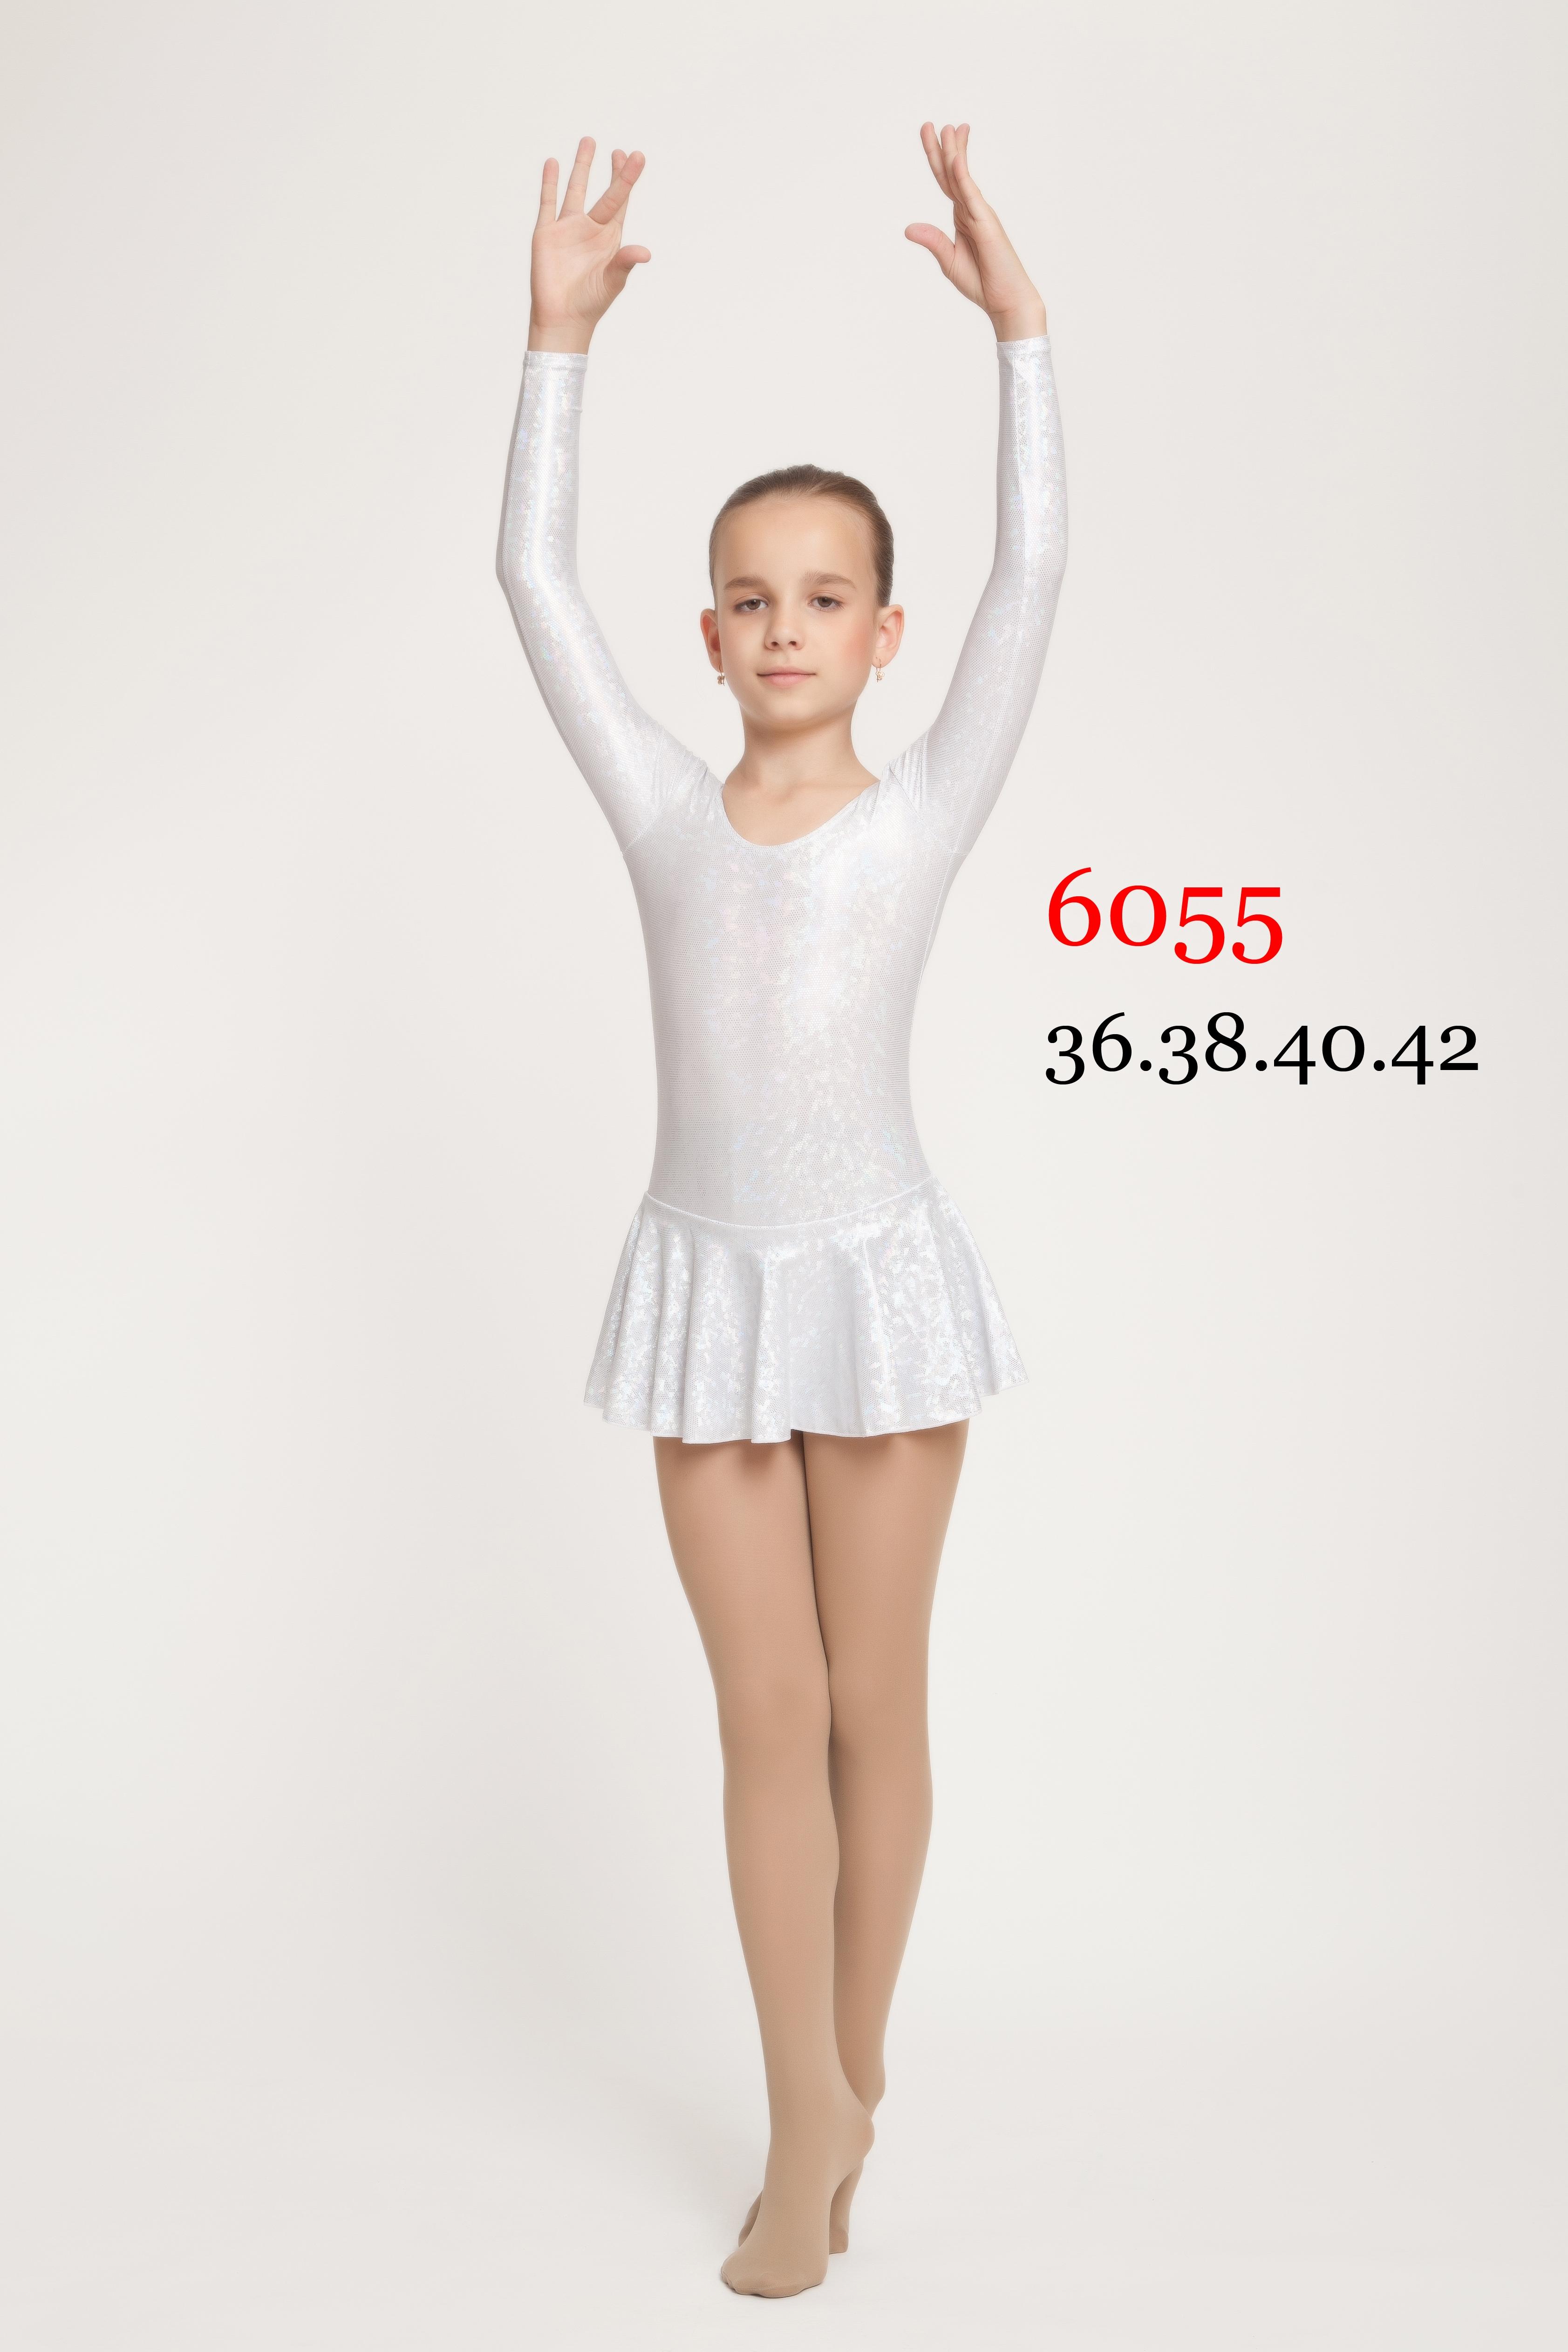 Танцовщицы в белых трусиках фото 4 фотография